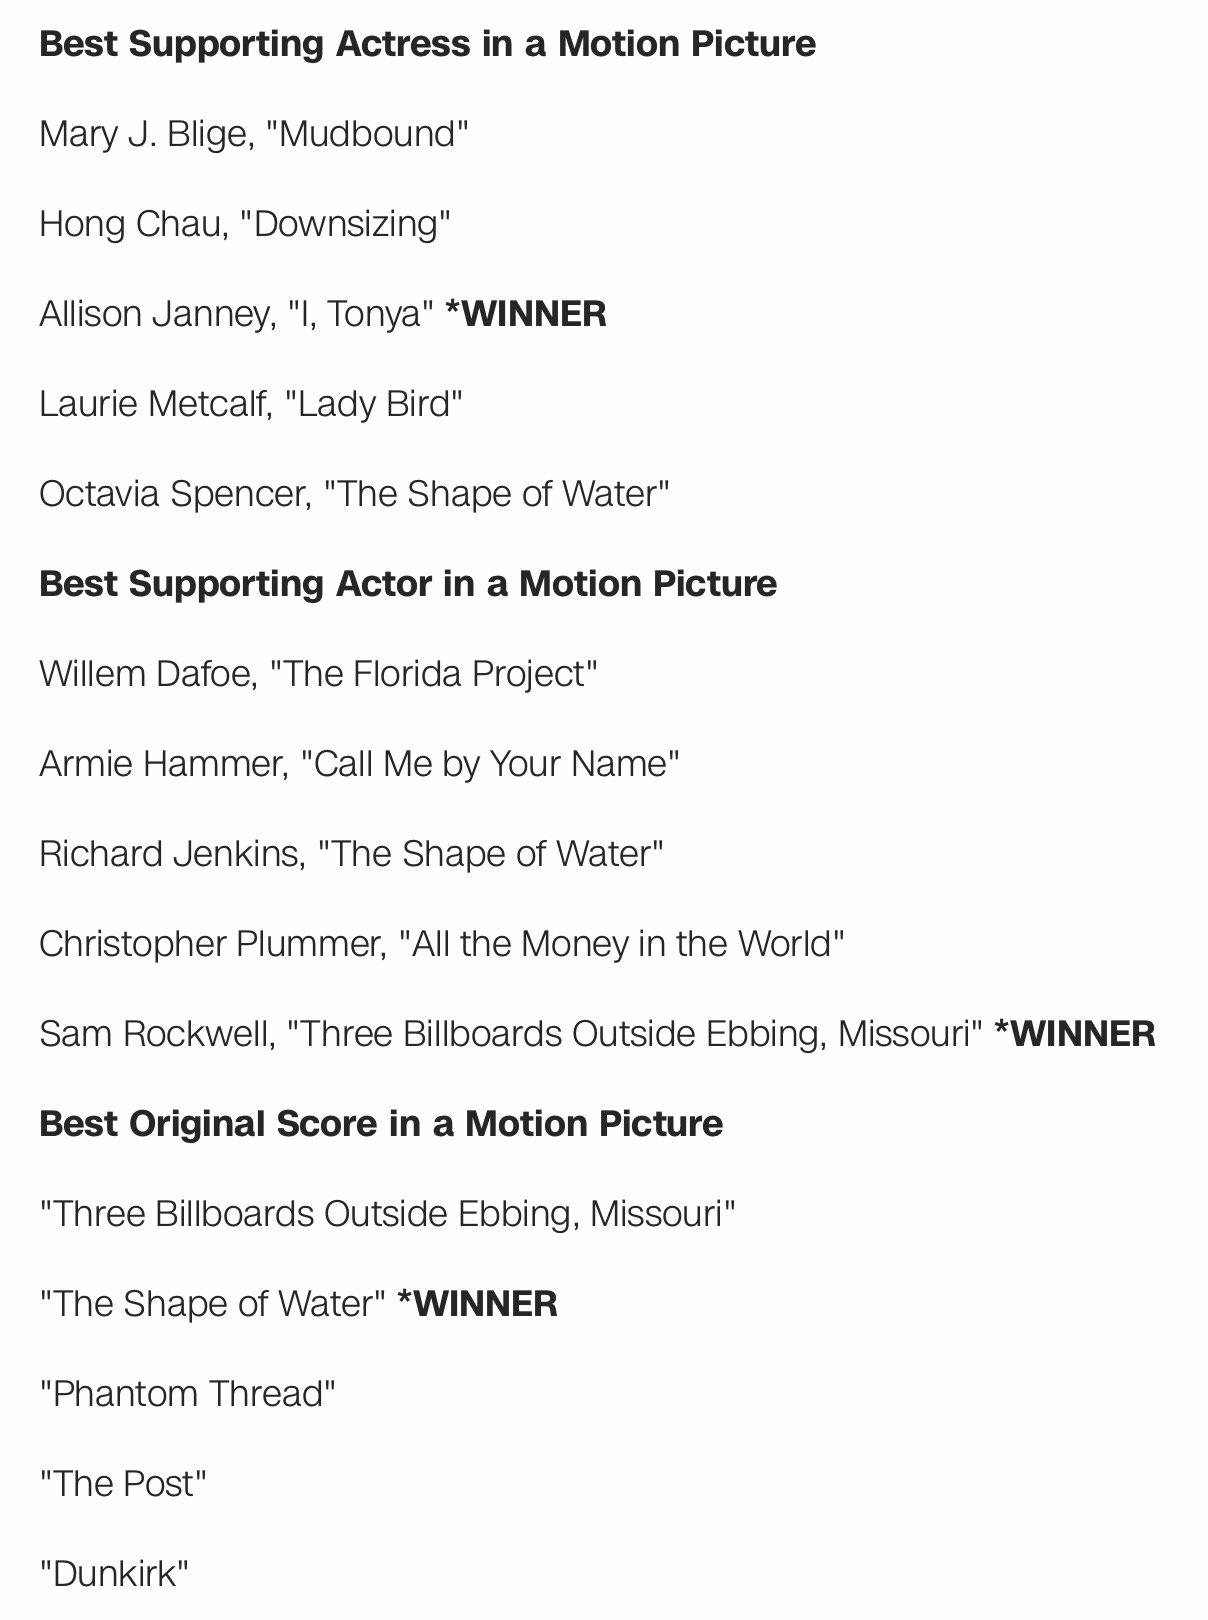 Tyga Opens Wide For Salt Bae, Full Golden Globes Winners List, Oprah For President? –